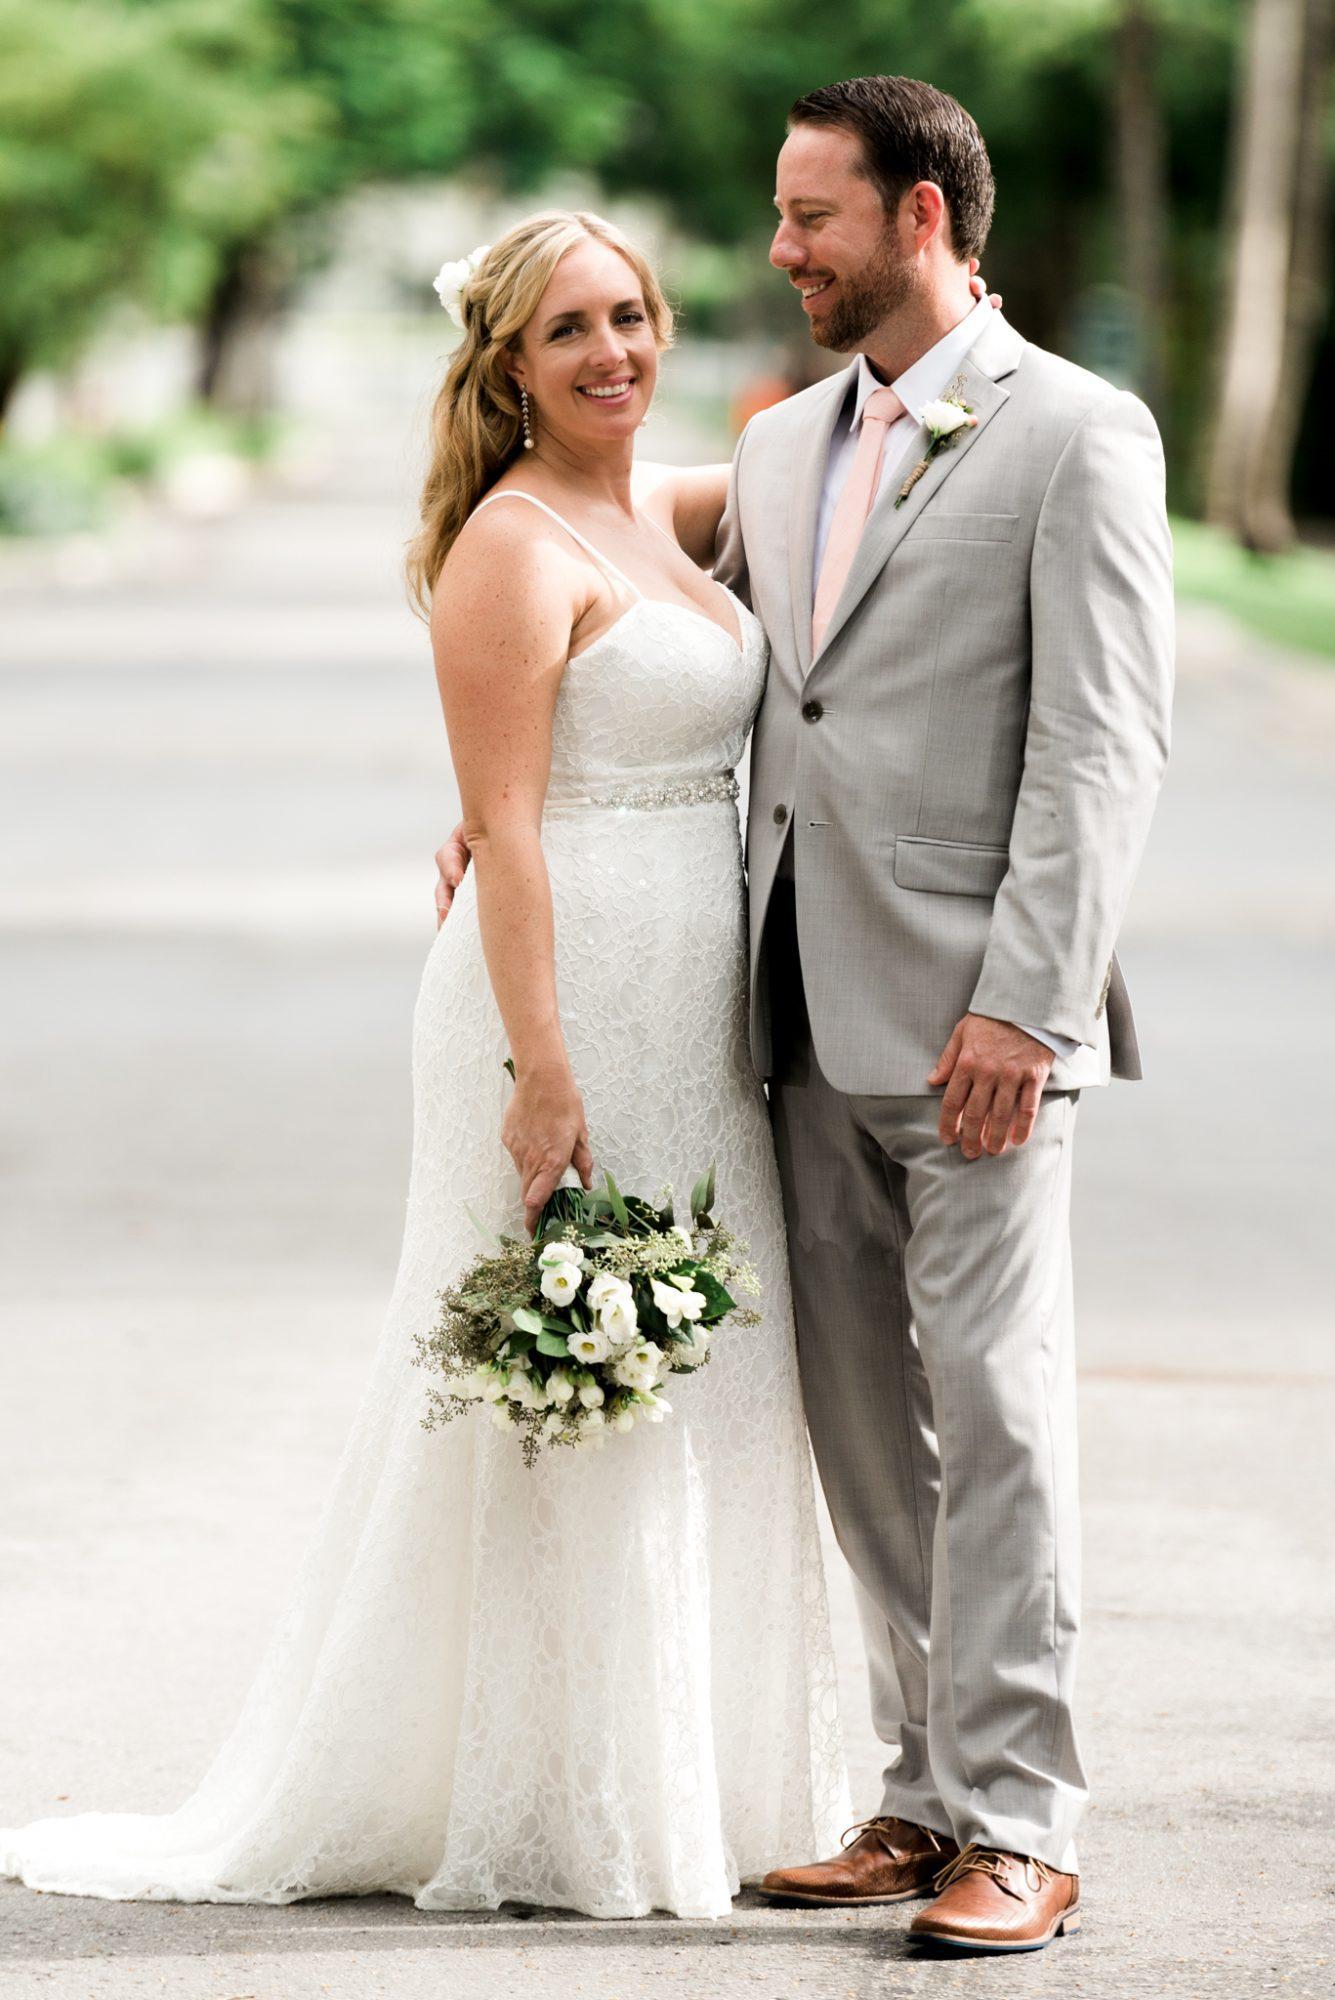 Colleen Jonathan Audubon House Wedding Key West 25 - Colleen & Jonathon | Audubon House and Gardens | Key West Wedding